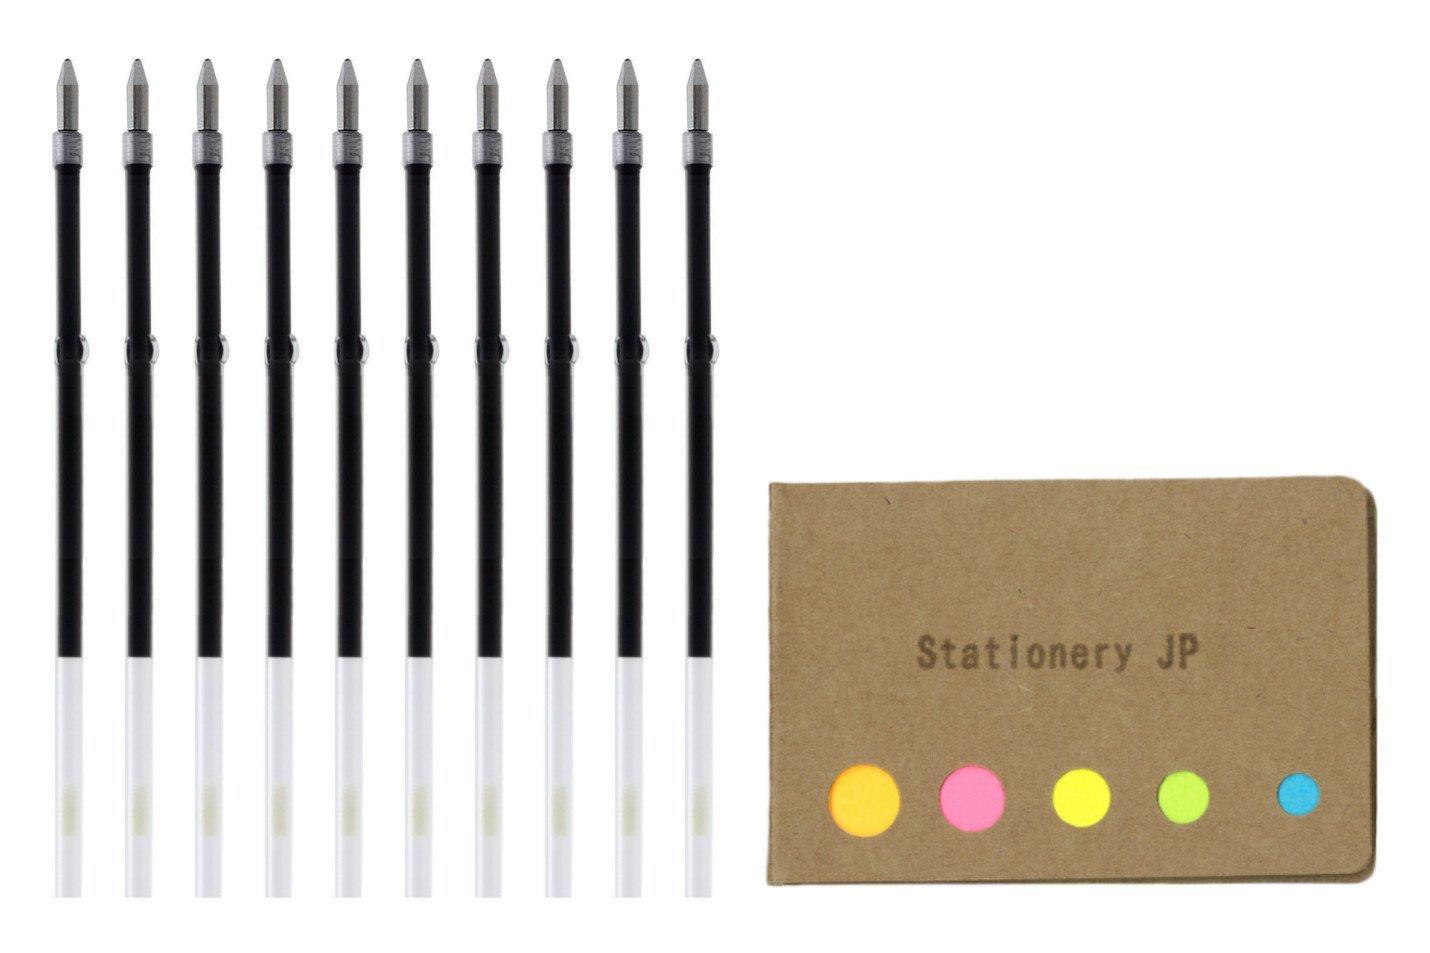 Zebra Ballpoint Pen Refills for Clip On Multi Pen, SK-0.7, Fine Point 0.7mm, Black Ink, 10-pack, Sticky Notes Value Set